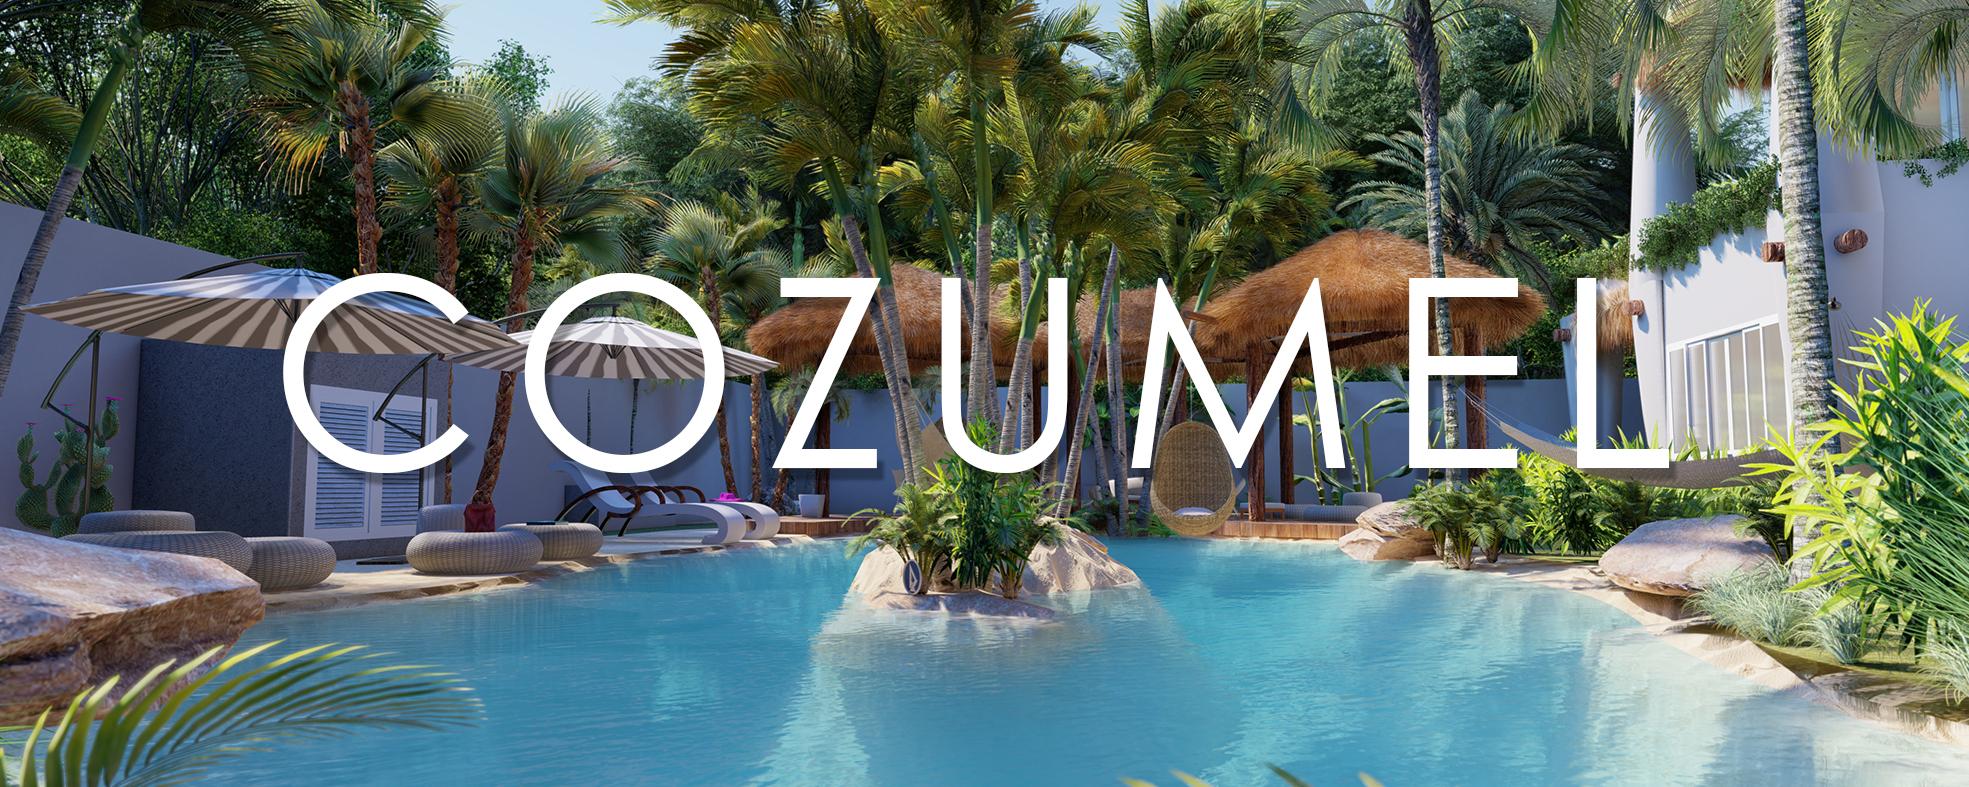 Cozumel es la isla preferida por los amantes del buceo y los apacionados de las playas cristalinas. Se encuentra en el estado de Quintana Roo, en México, a tan solo 60 kilómetros de la ciudad de cancún y separada por un viaje de 45 minutos en ferry desde el muelle de playa del Carmen. Esta isla caribela es uno de los mejores destinos de cruceros en el mundo. Nuestro proyecto se encontrará en una de las zonas más distinguidas dela isla, todo un privilegio para quién busque tranquilidad y exclusividad.